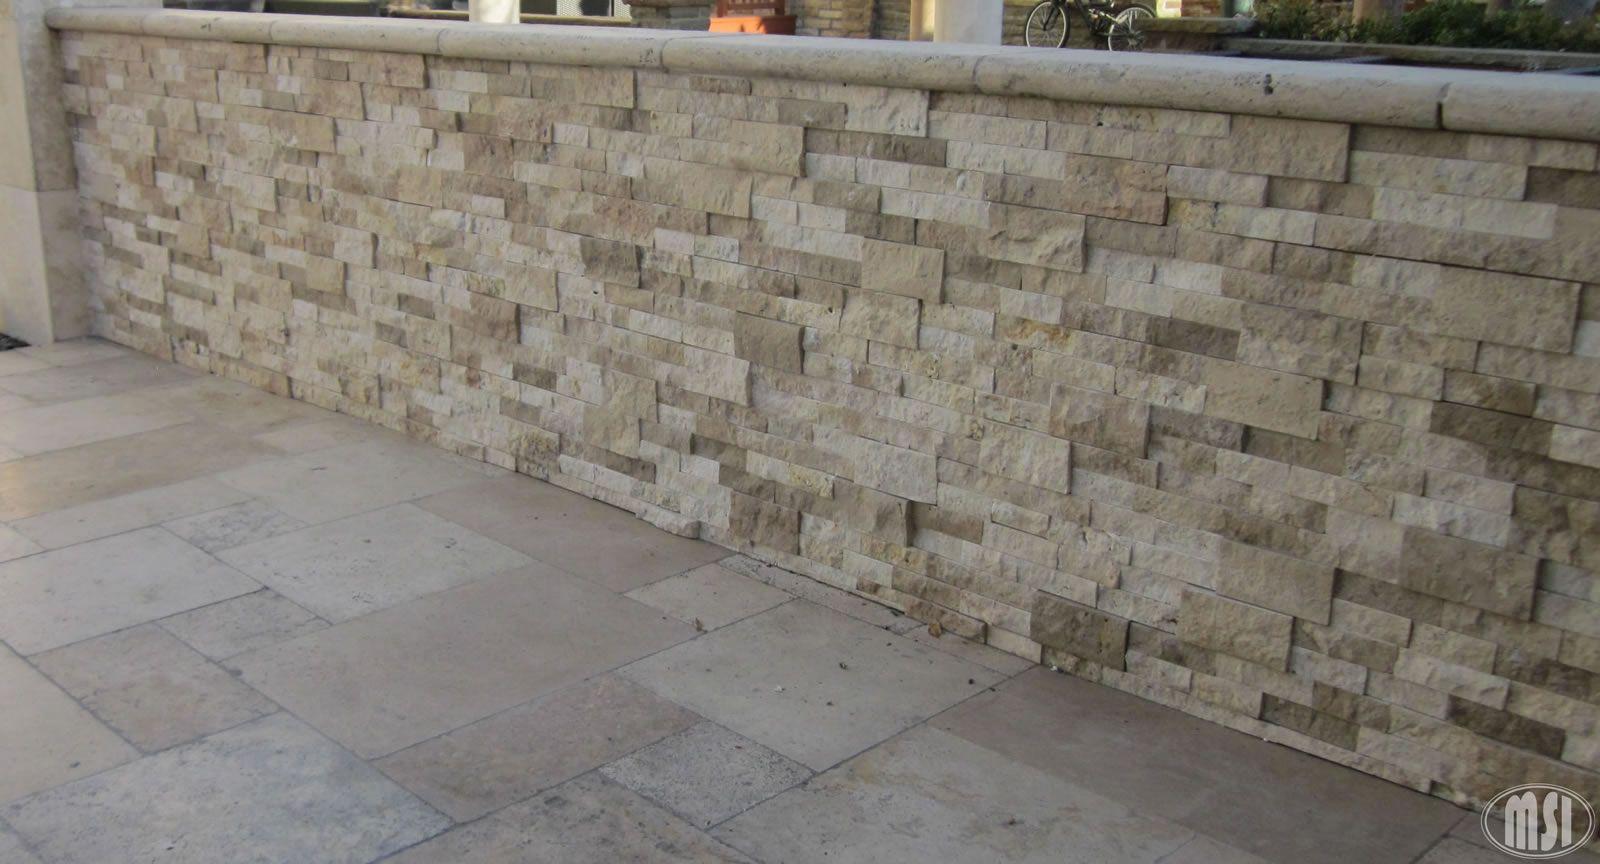 Aspect 6 x 24 inch autumn sandstone peel and stick stone backsplash - Tuscany Ivory Ledger Panels Roman Beige